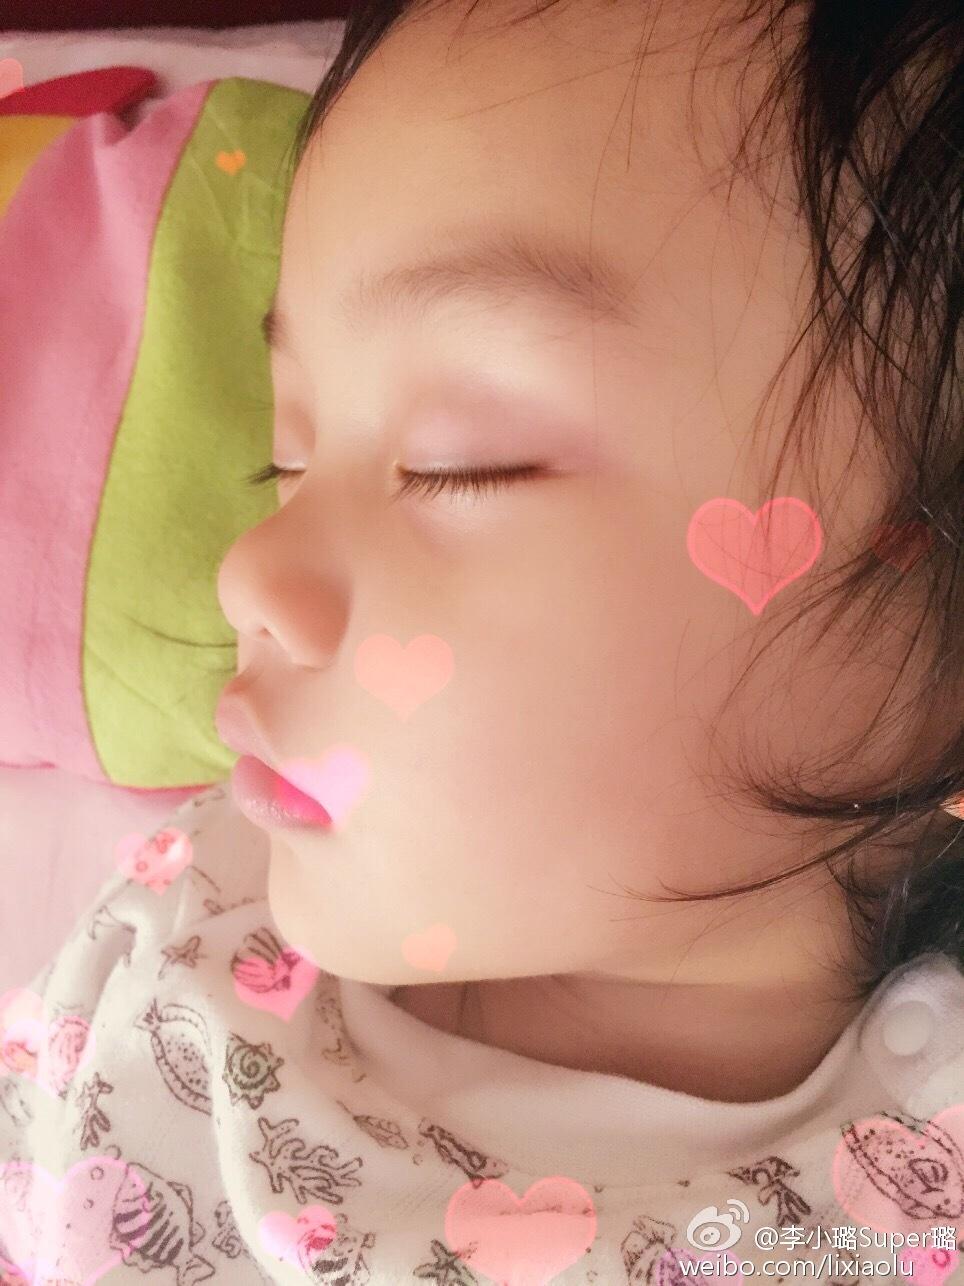 李小鹏女儿可爱六连拍 奥莉闭眼吐舌变成表情帝